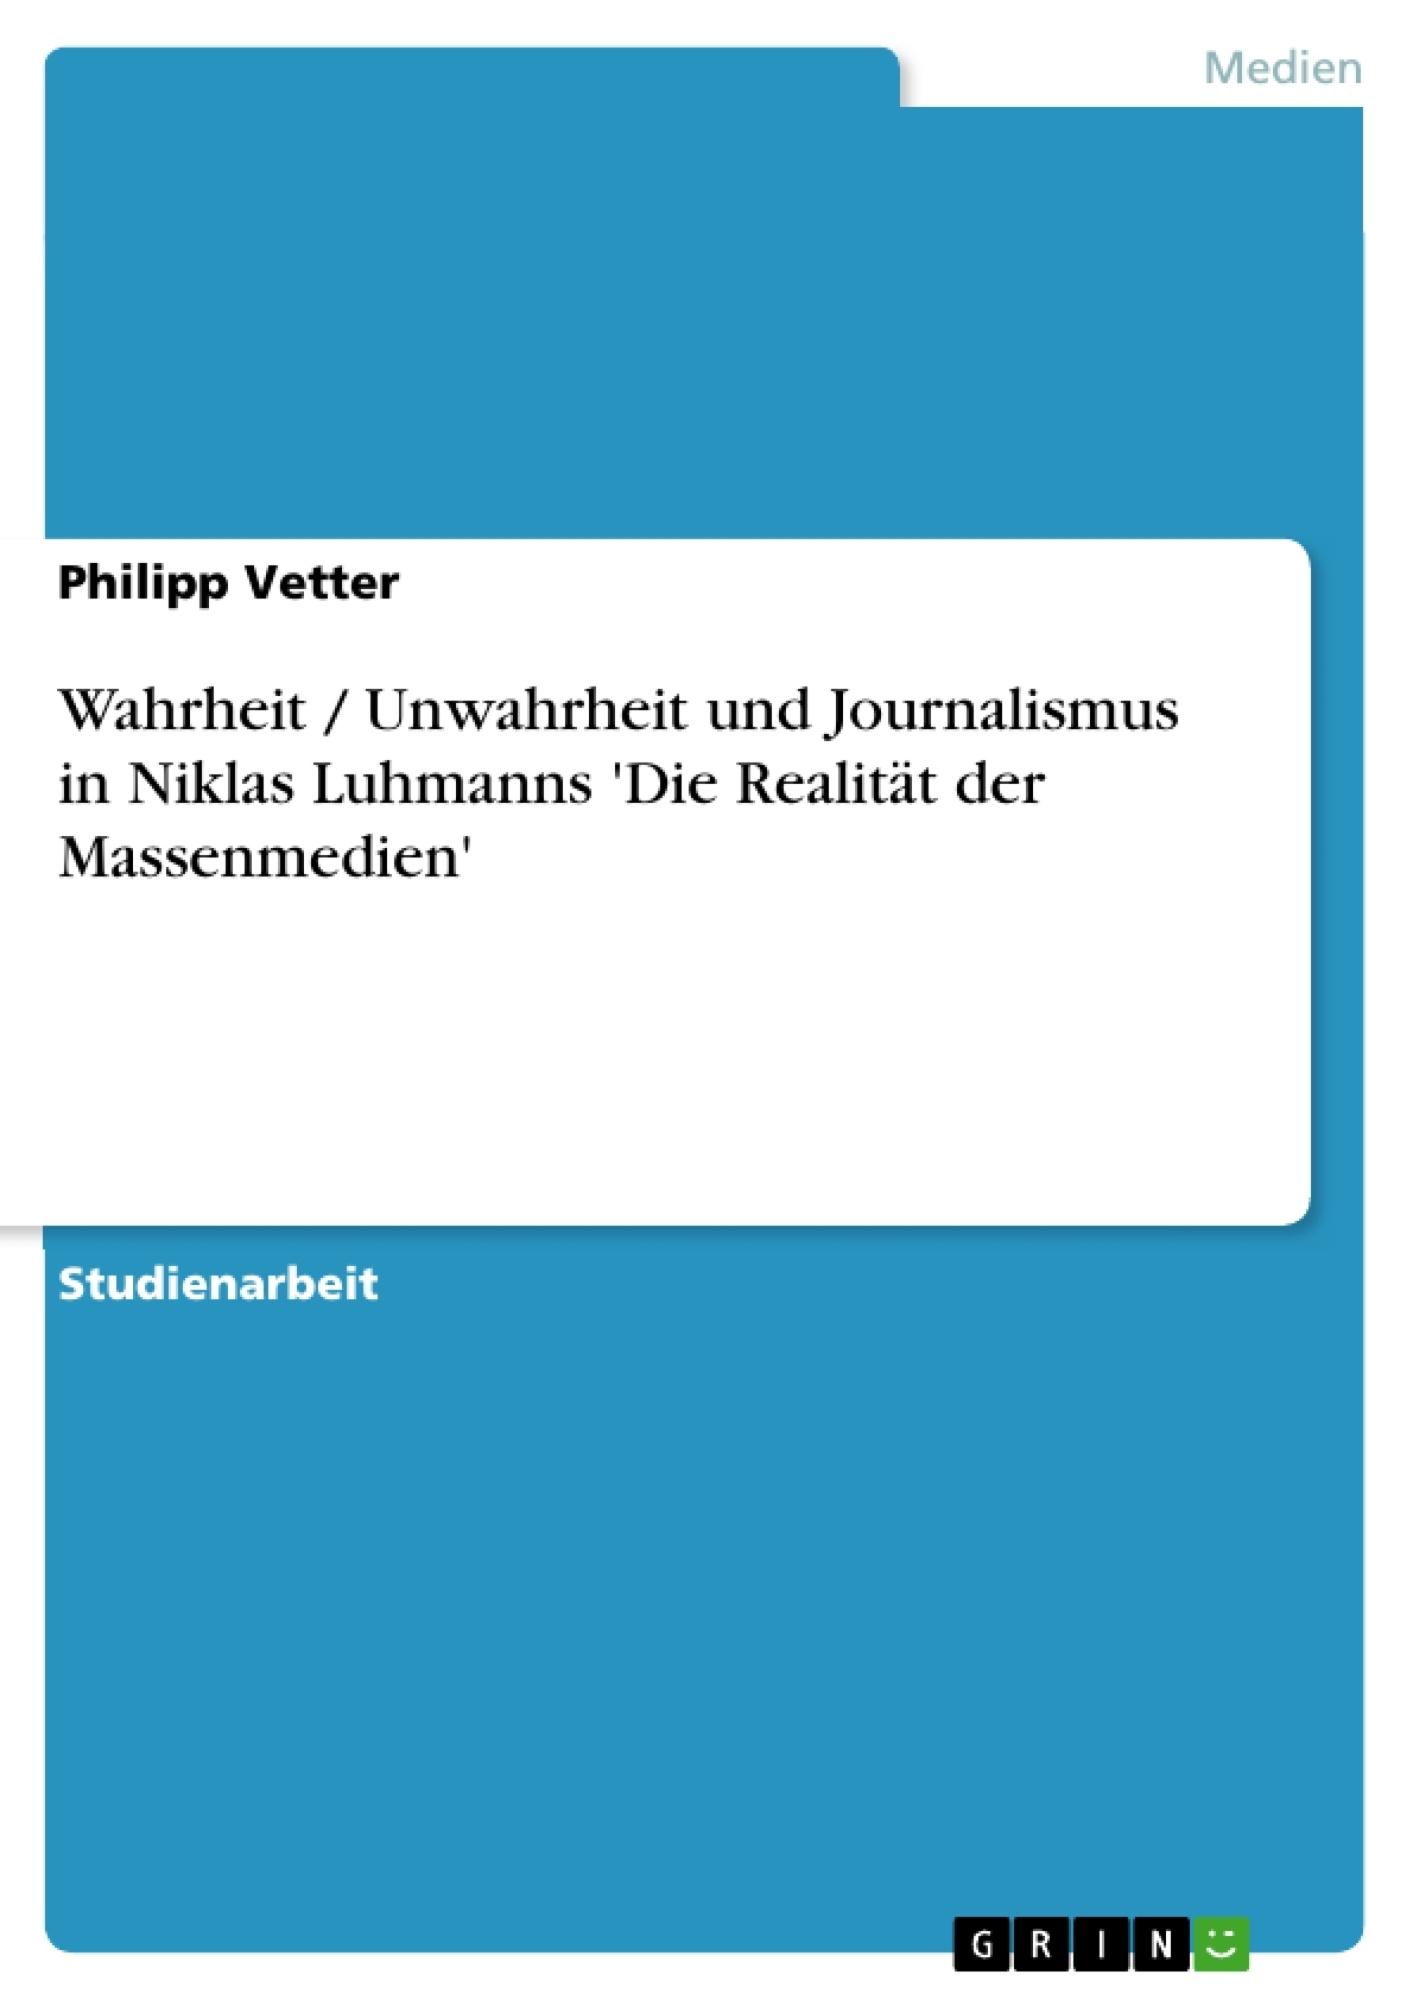 Titel: Wahrheit / Unwahrheit und Journalismus in Niklas Luhmanns 'Die Realität der Massenmedien'